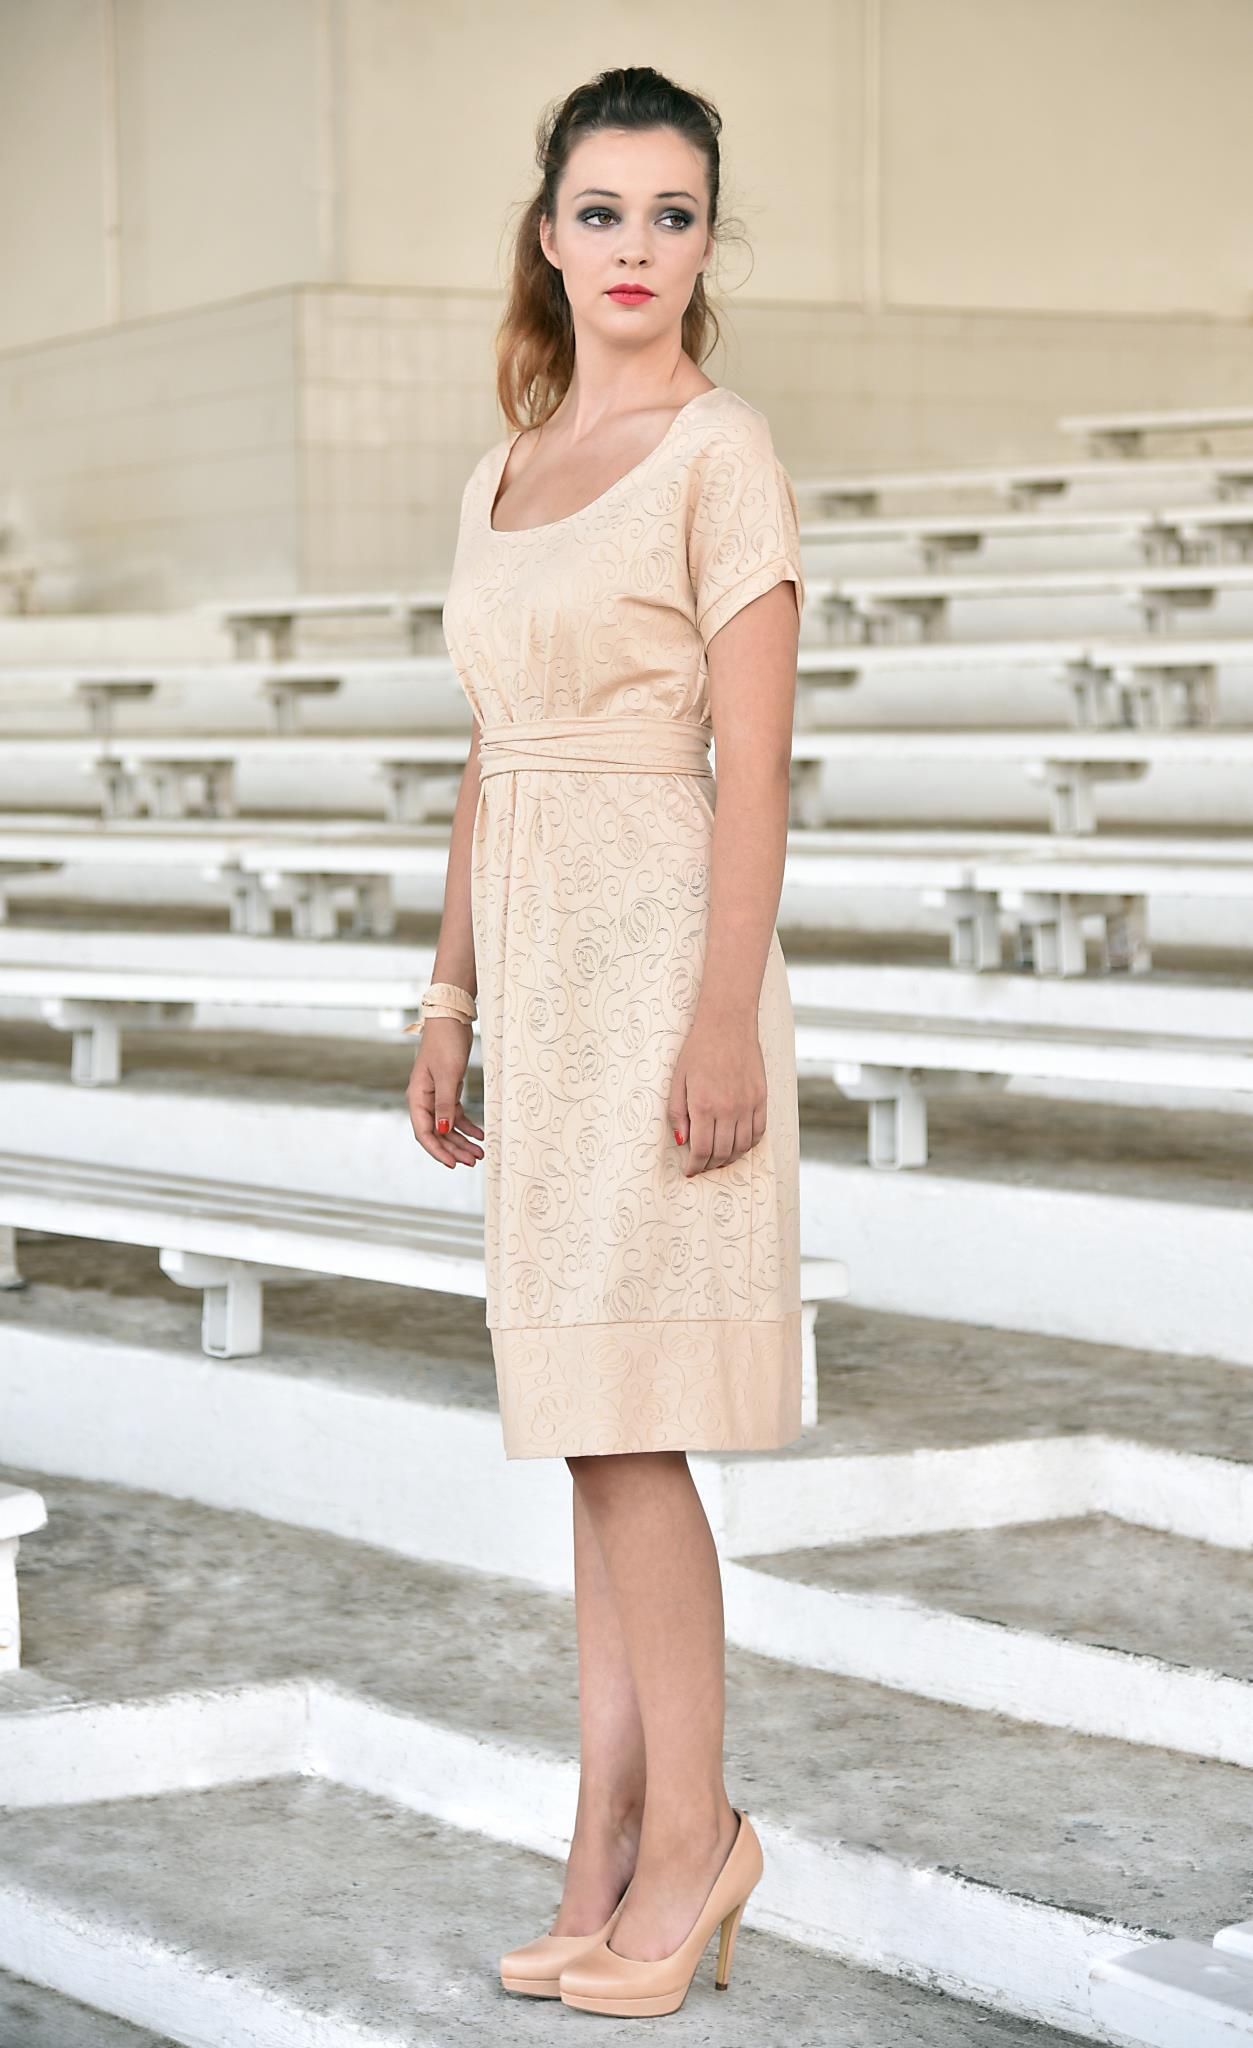 Fotografie pro model – Béžové úpletové šaty